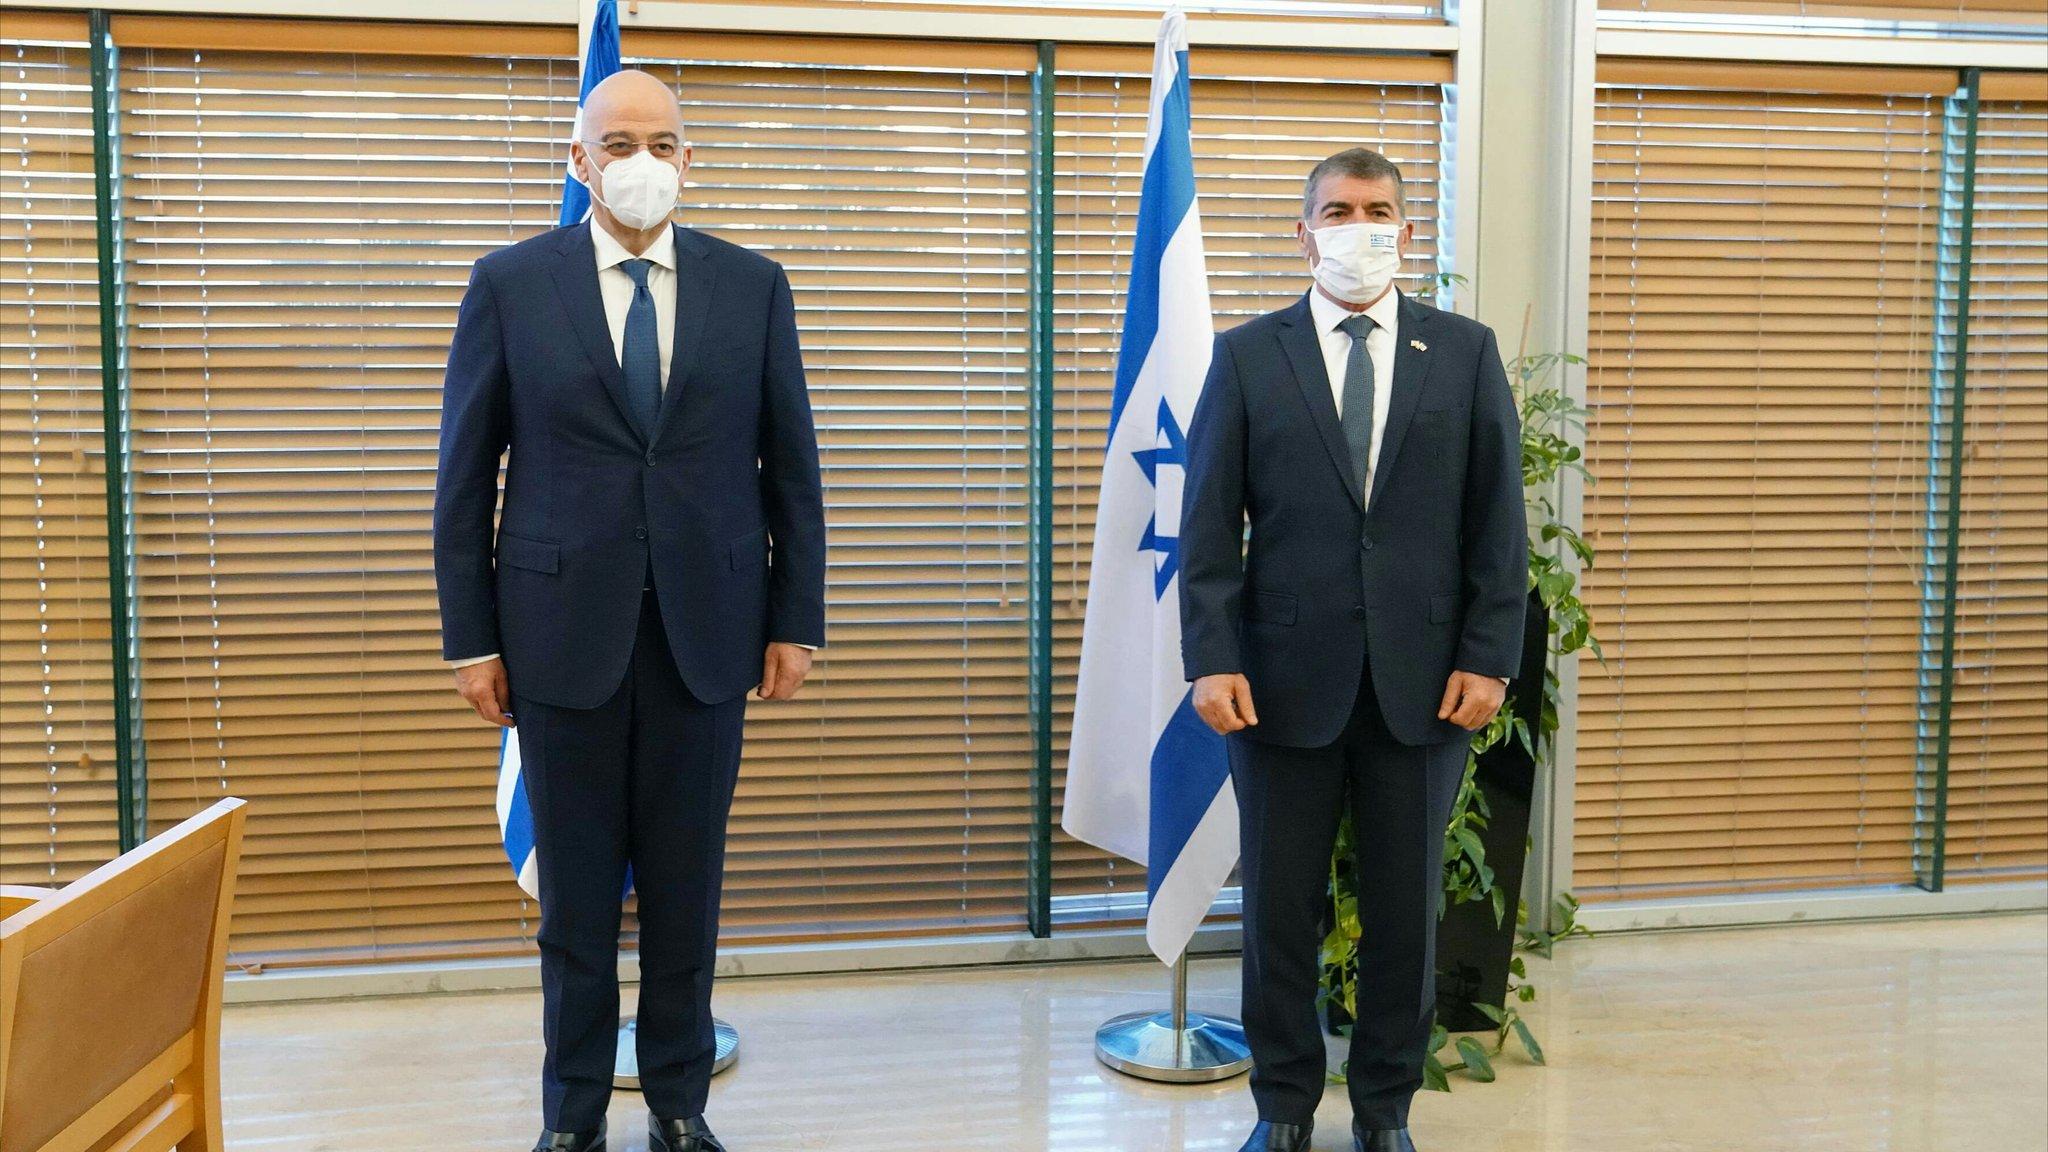 Ο Δένδιας στη Μέση Ανατολή: Θερμή υποδοχή στο Ισραήλ, αμηχανία στη Ραμάλα